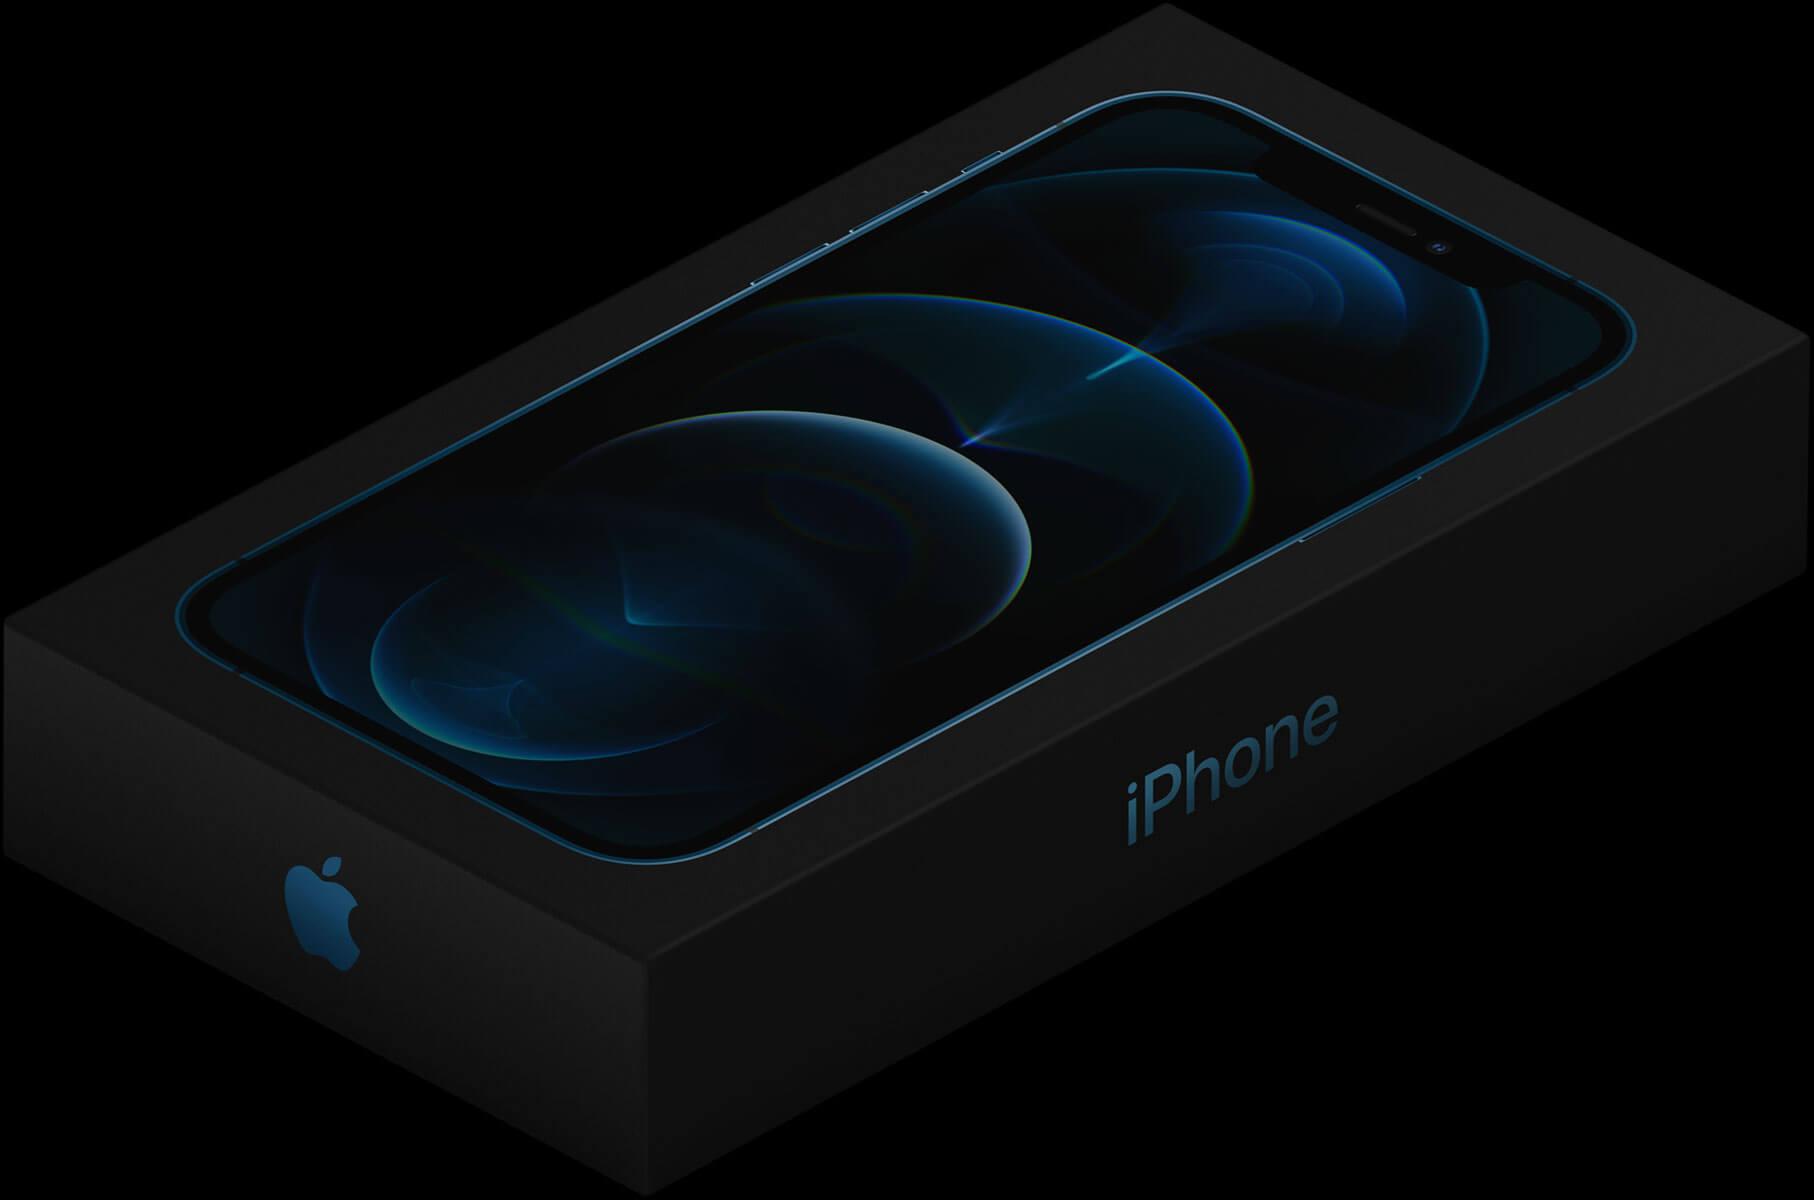 Apple официально представила iPhone 12, iPhone 12 mini, iPhone 12 Pro и iPhone 12 Pro Max